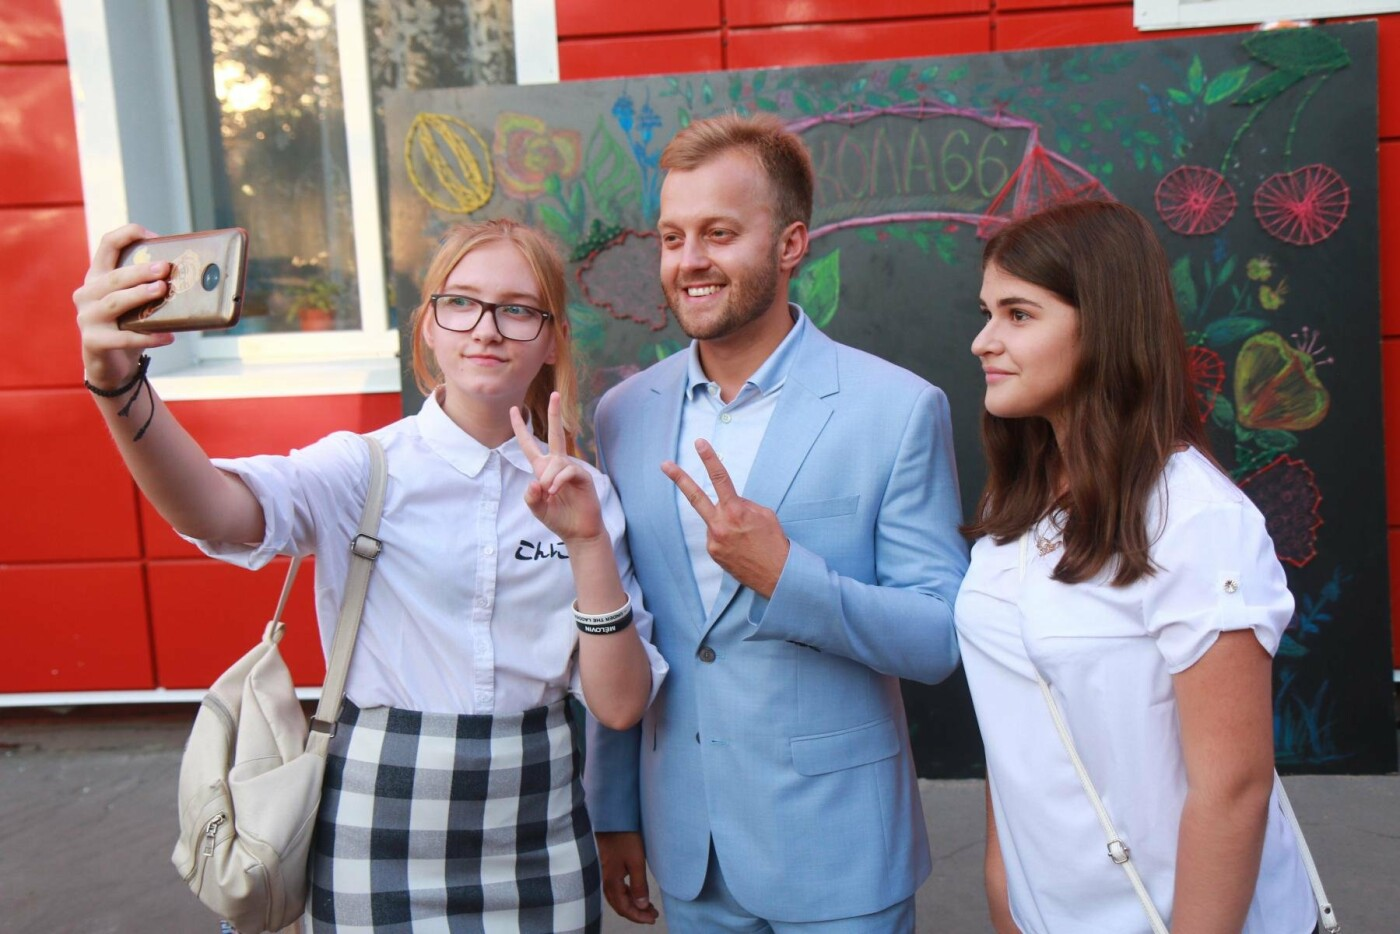 Малиновое настроение: нардеп Усов открыл после реконструкции школу № 66 в Кривом Роге, фото-2